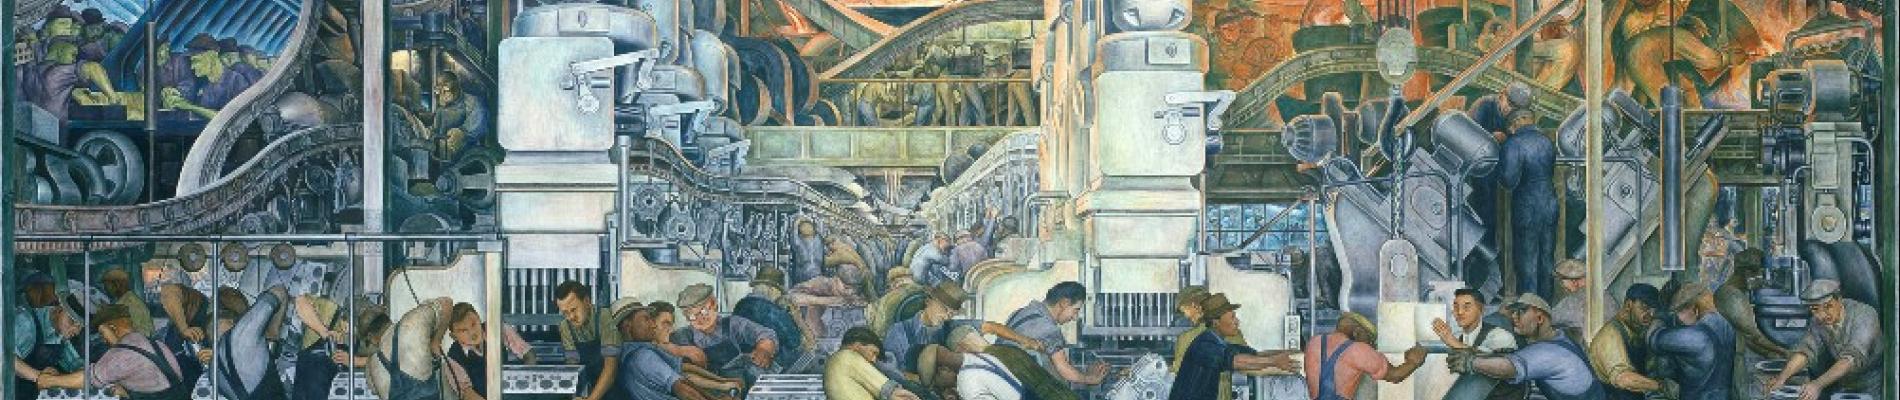 The DIA Presents Diego Rivera